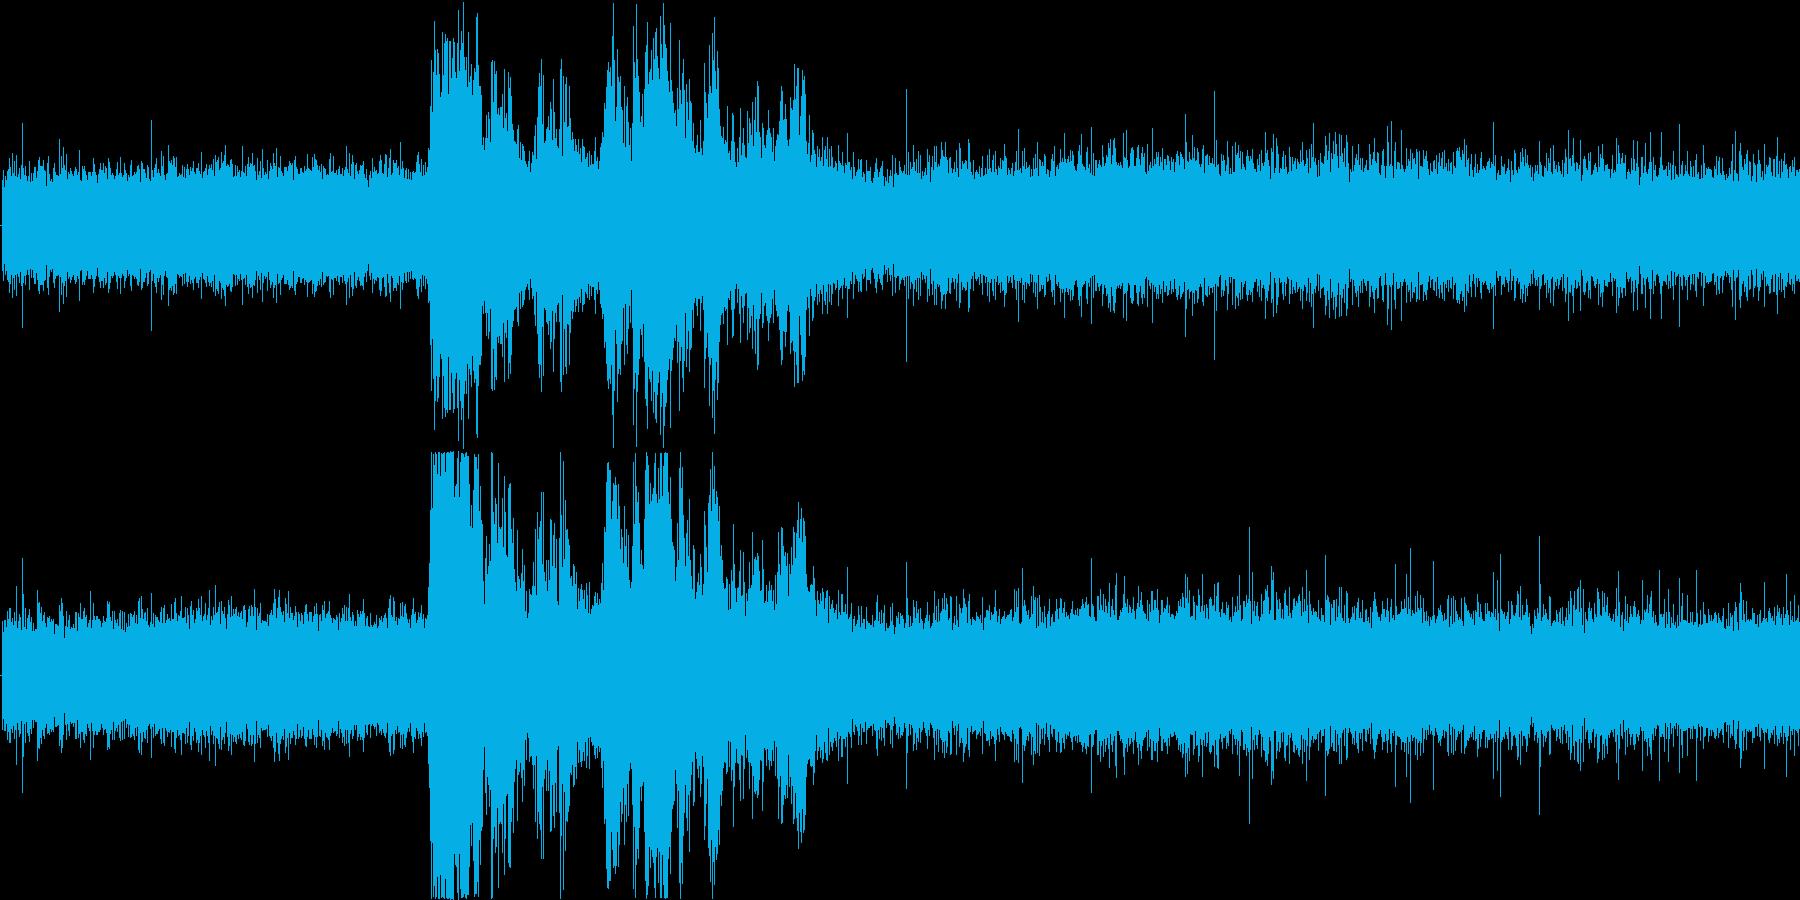 雨音と雷 2の再生済みの波形